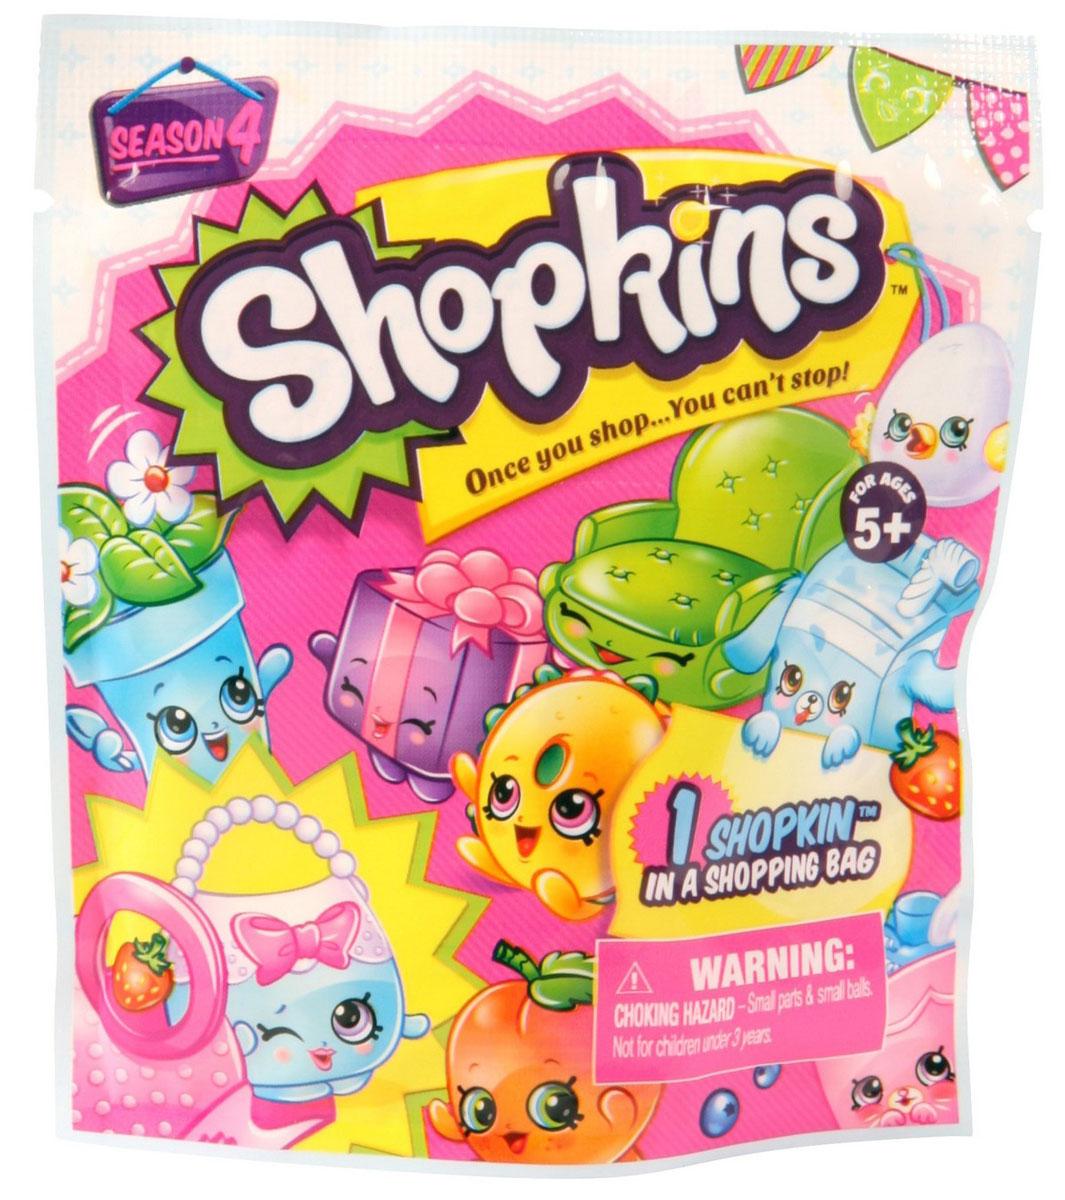 Moose Shopkins Фигурка в закрытой упаковке56118В фольгированном пакетике с одним героем вас ждет персонаж из нового четвертого сезона Шопкинс. Какой именно? Вы узнаете это, только когда откроете упаковку. В новой линии Shopkins есть тринадцать команд героев: Фрукты и овощи (Fruit & Veg), Булочная (Bakery), Аксессуары (Accessories), Домашняя утварь (Homewares), Садоводство (Garden), Вечеринки (Party time), Петкинсы (Petkins), Зоомагазин (Pet Shop), Красота и здоровье (Health & Beauty), Мода (Fashion Spree), Обувь (Shoes), Гастрономия (Food Fair) и лимитированная серия Perfume Pretties, Гастрономия. Вы сможете определить, кто именно вам попался, пользуясь руководством коллекционера. В комплекте: руководство, 1 фигурка шопкинс, 1 сумочка для покупок.